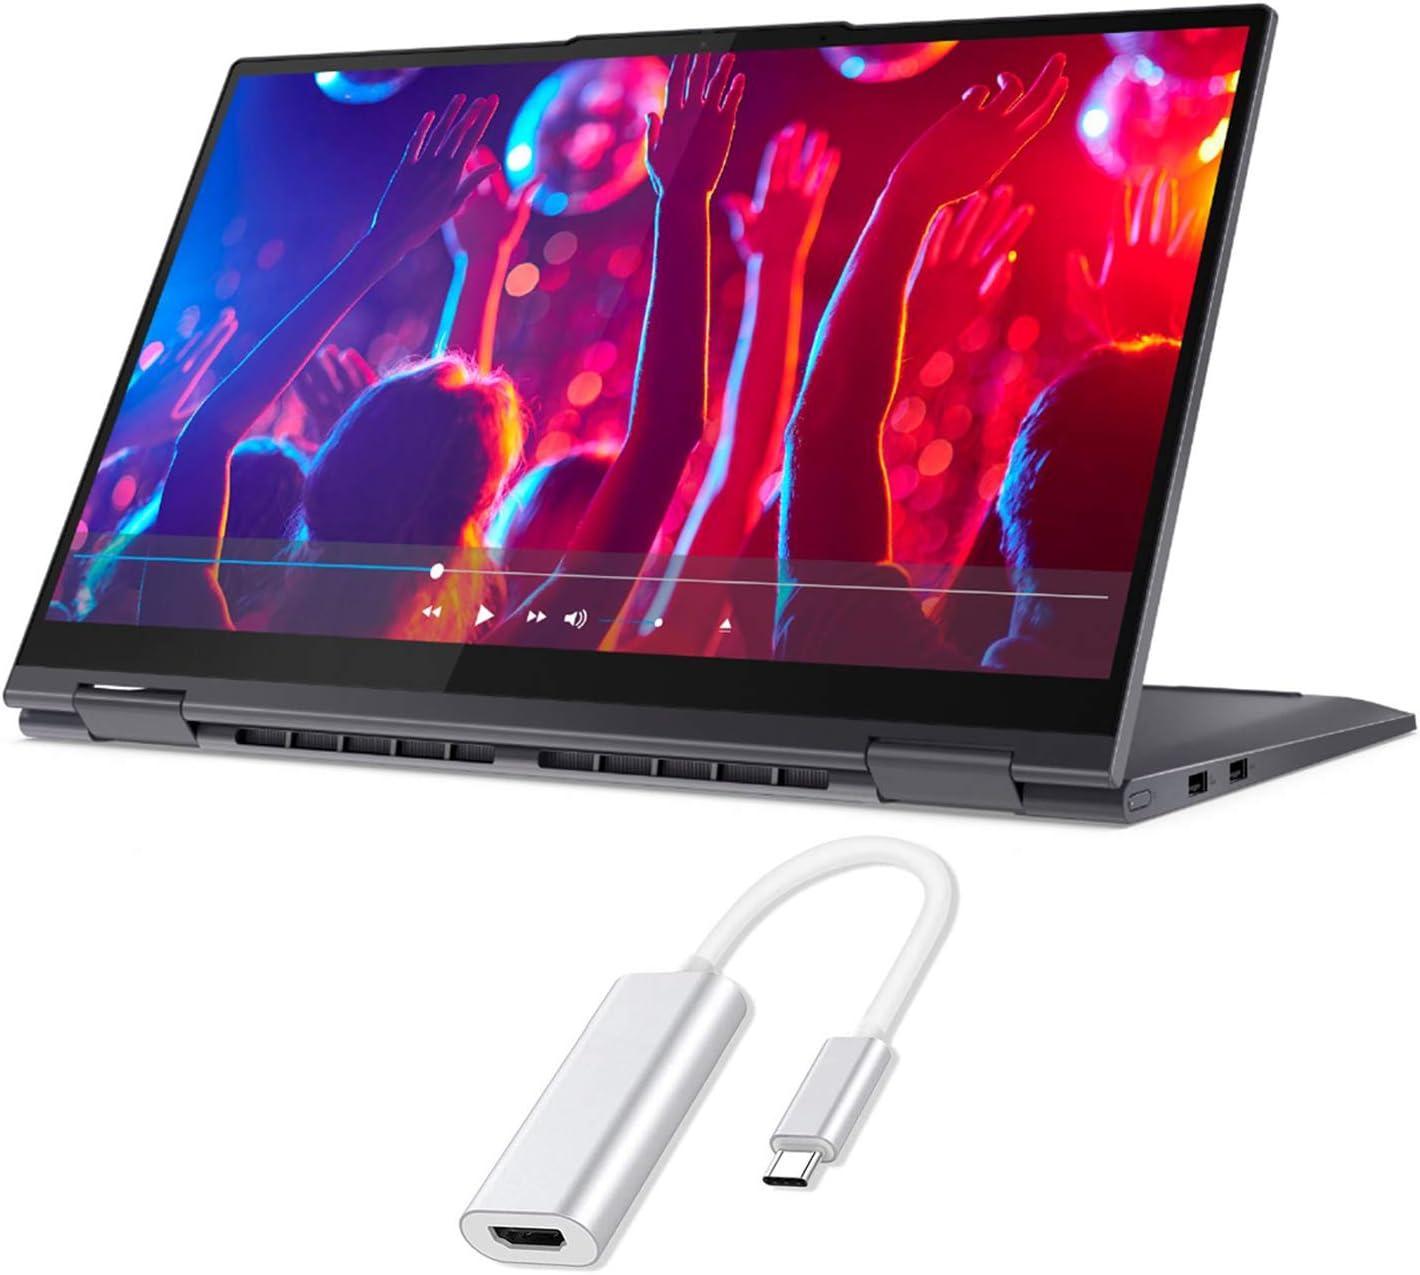 Lenovo Yoga 7i 2-in-1 Laptop 15.6